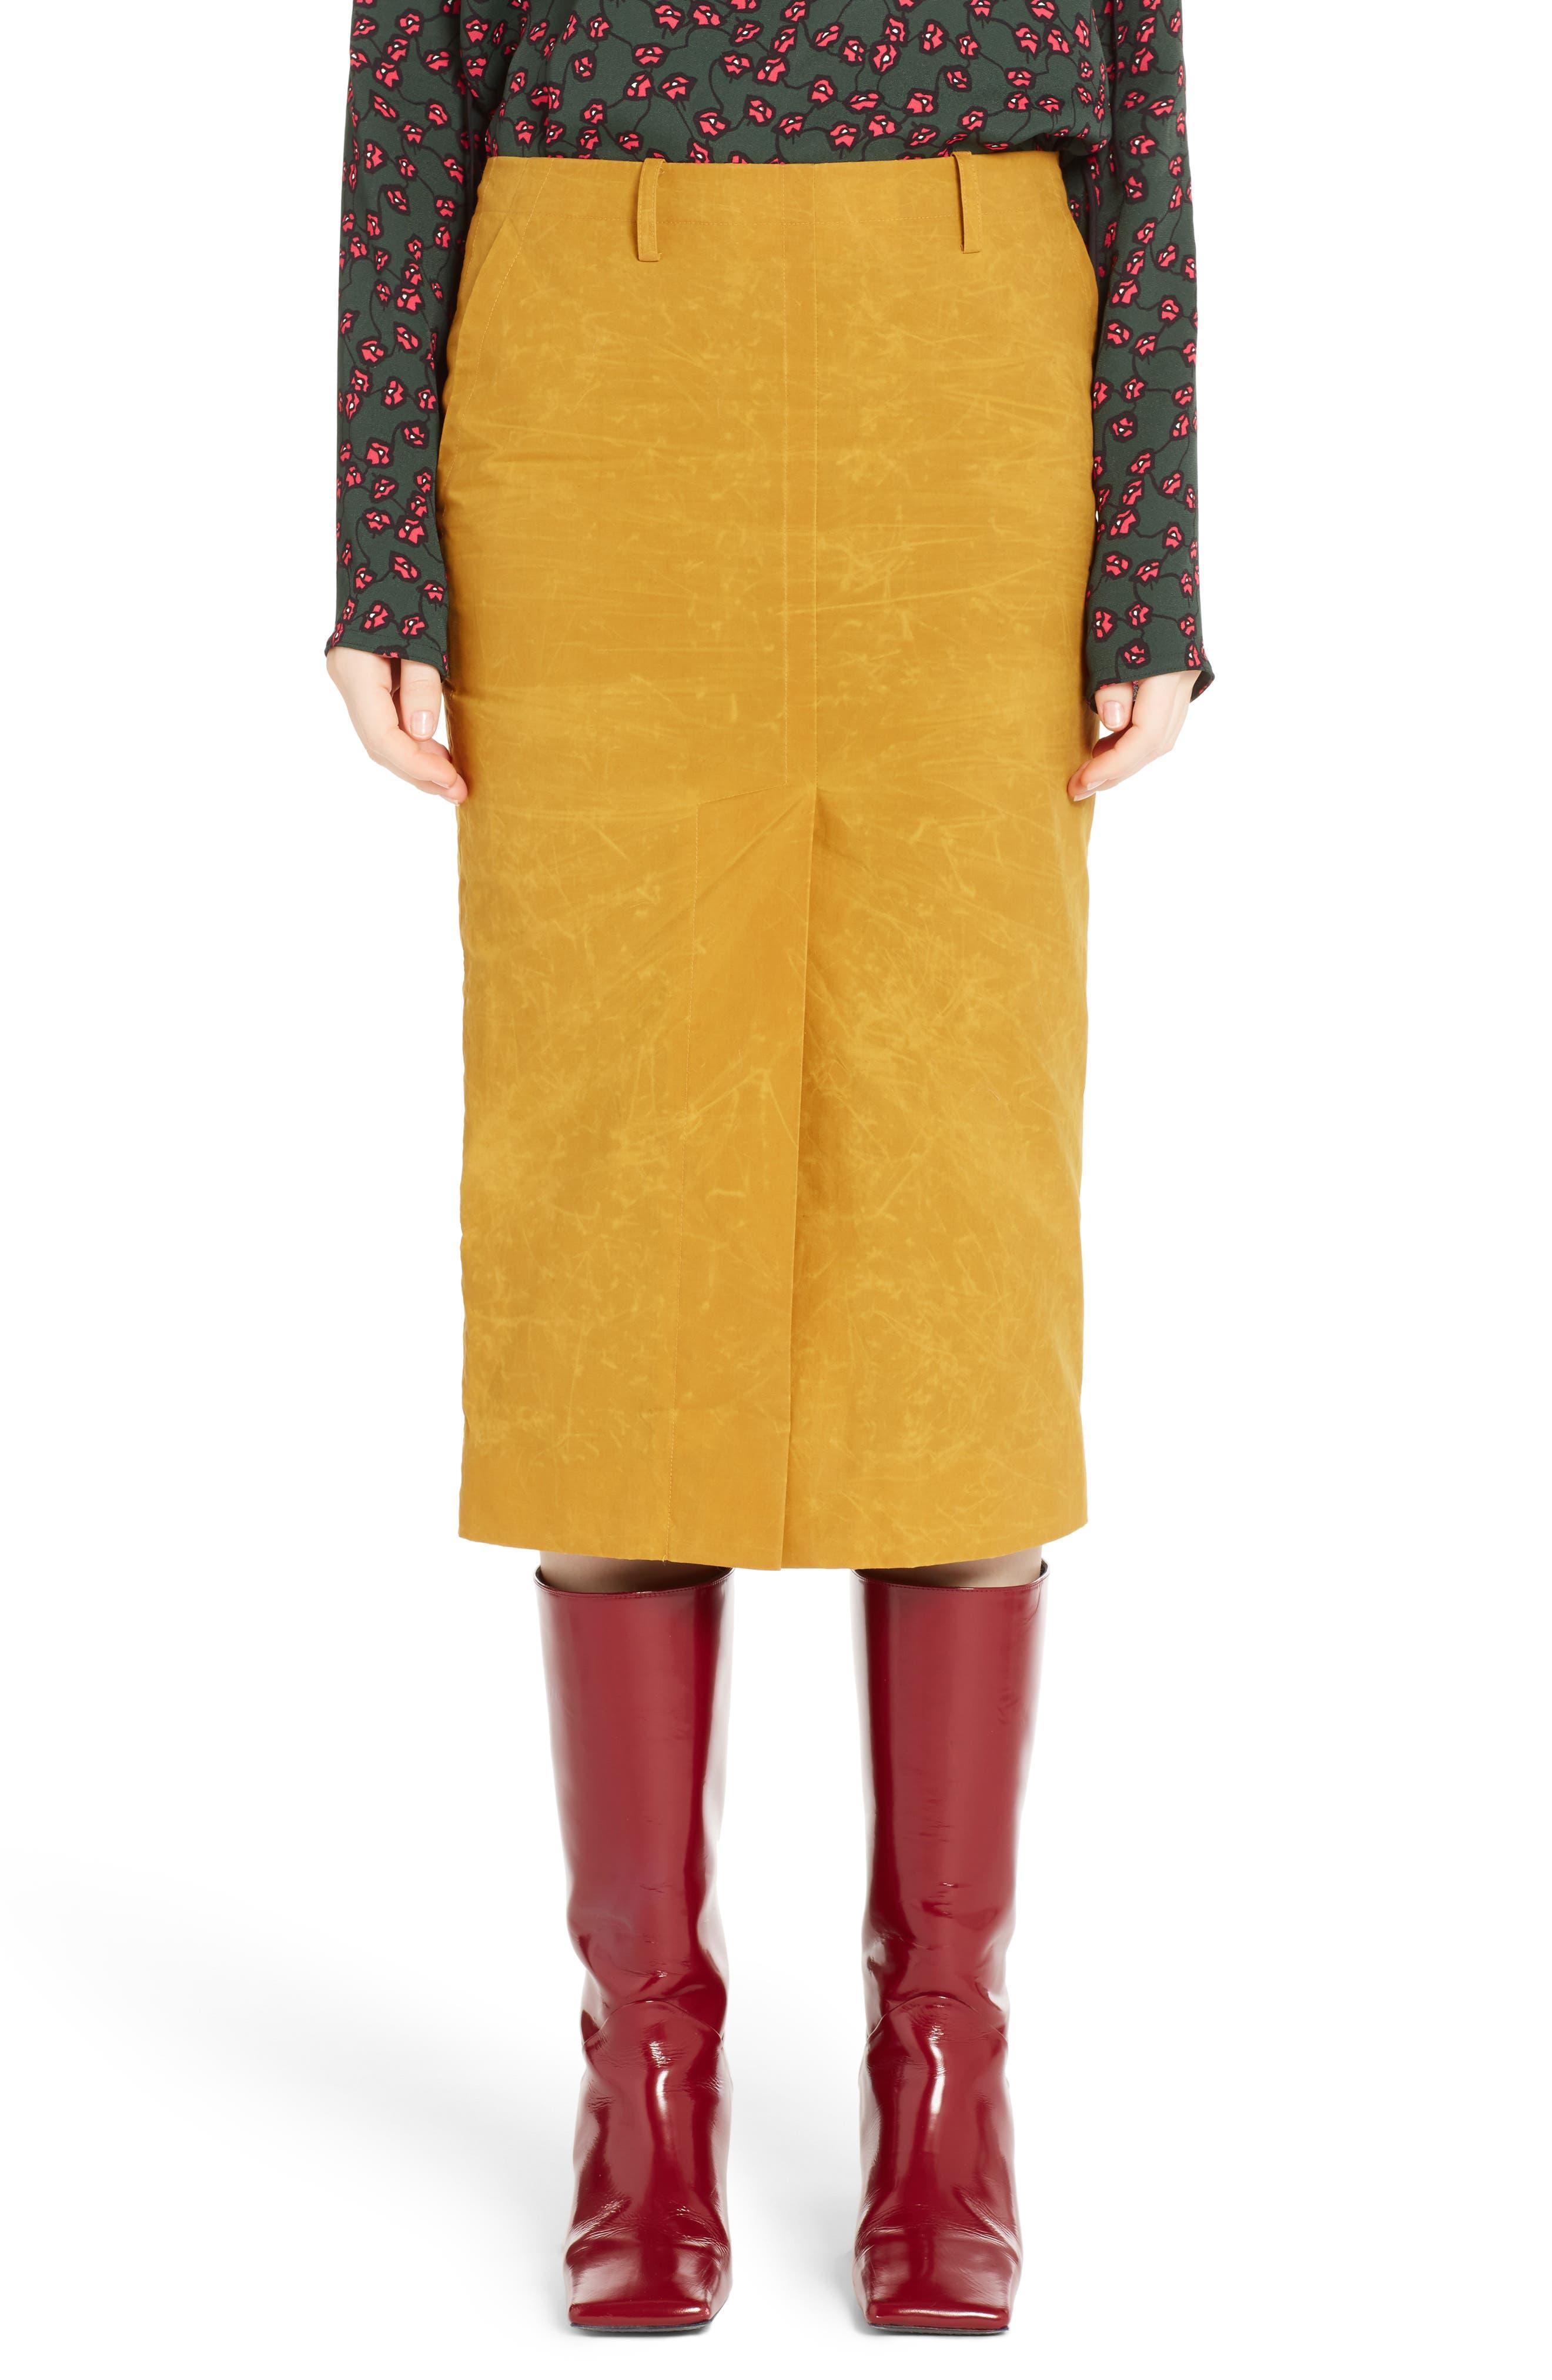 Main Image - Marni Waxed Cotton Pencil Skirt